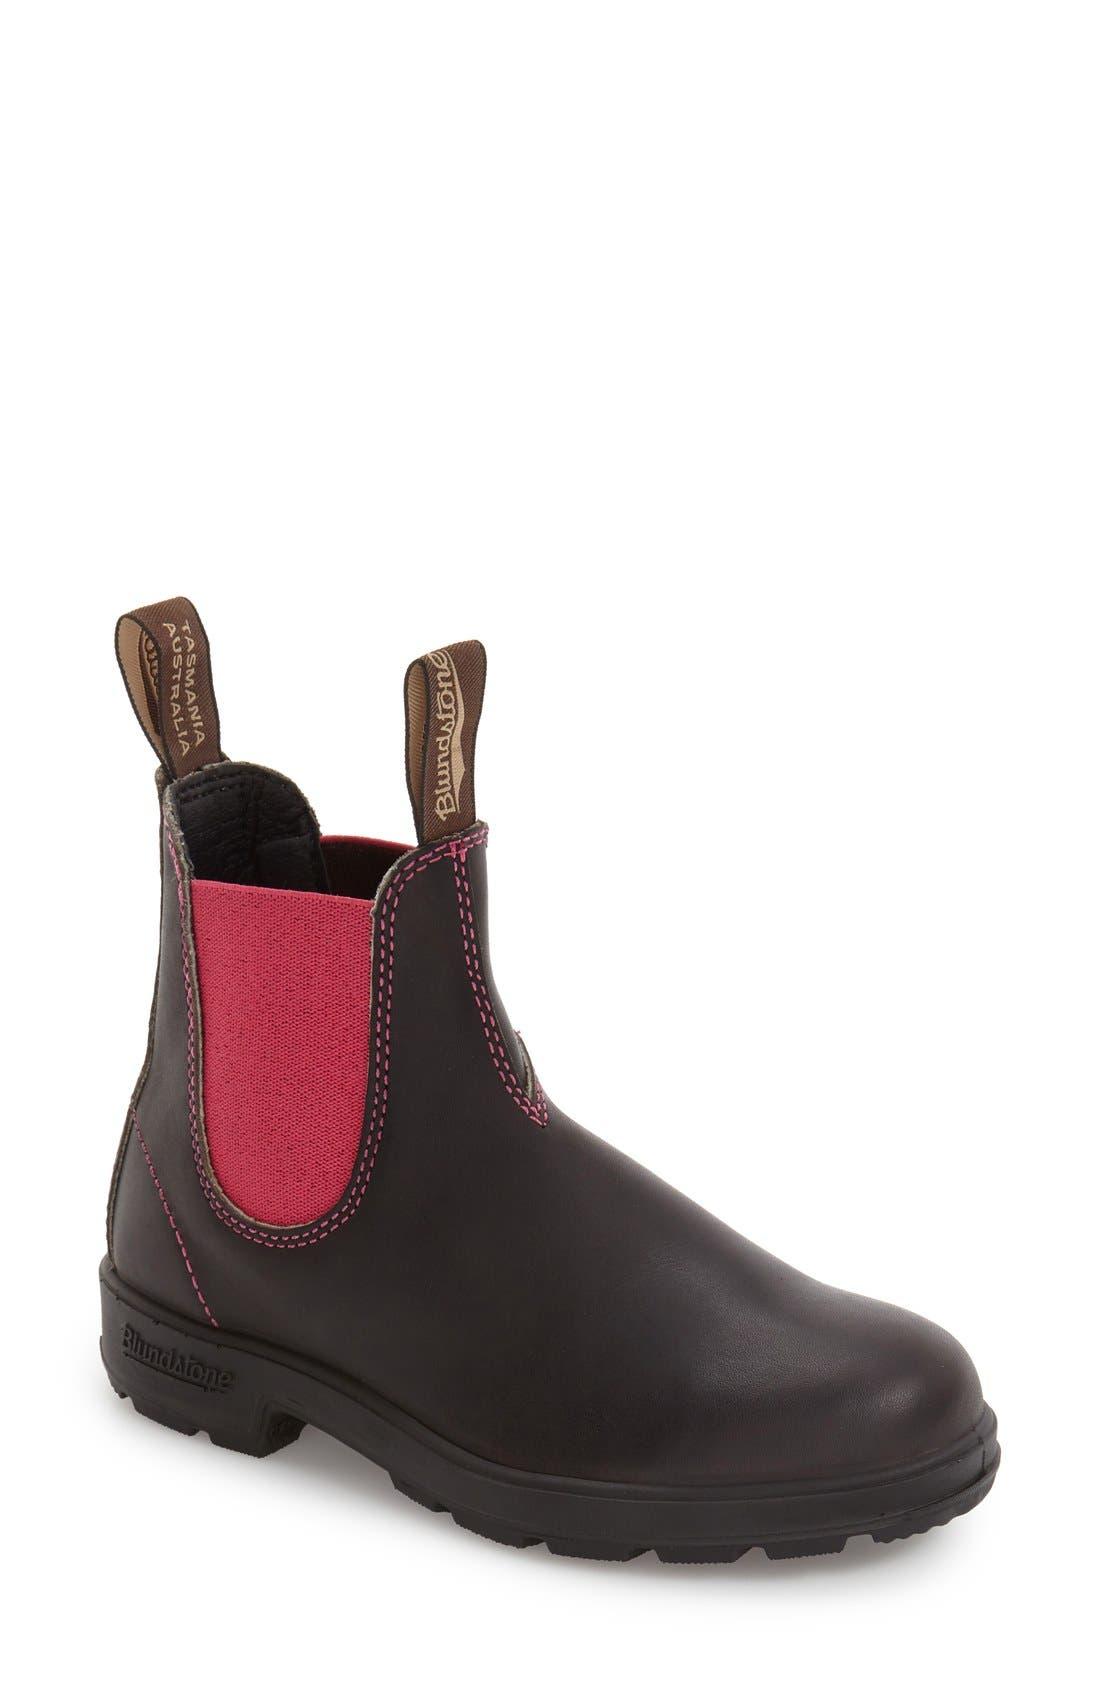 Footwear 'Original - 500 Series' Water Resistant Chelsea Boot,                             Main thumbnail 1, color,                             200